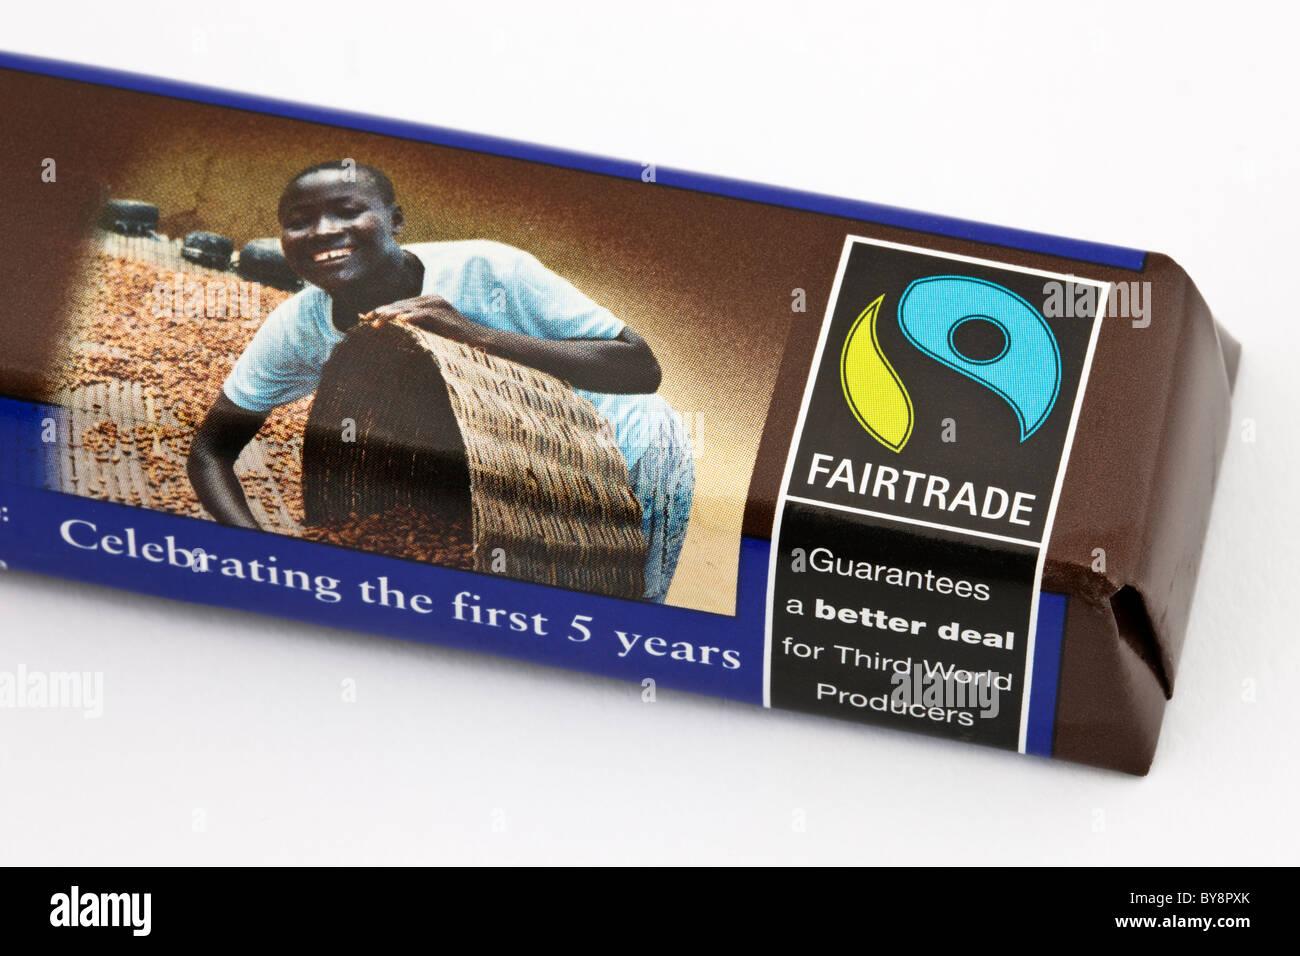 Close-up di Fairtrade chocolate bar avvolto in involucro con il commercio equo e solidale logo ed etichetta. Inghilterra Immagini Stock